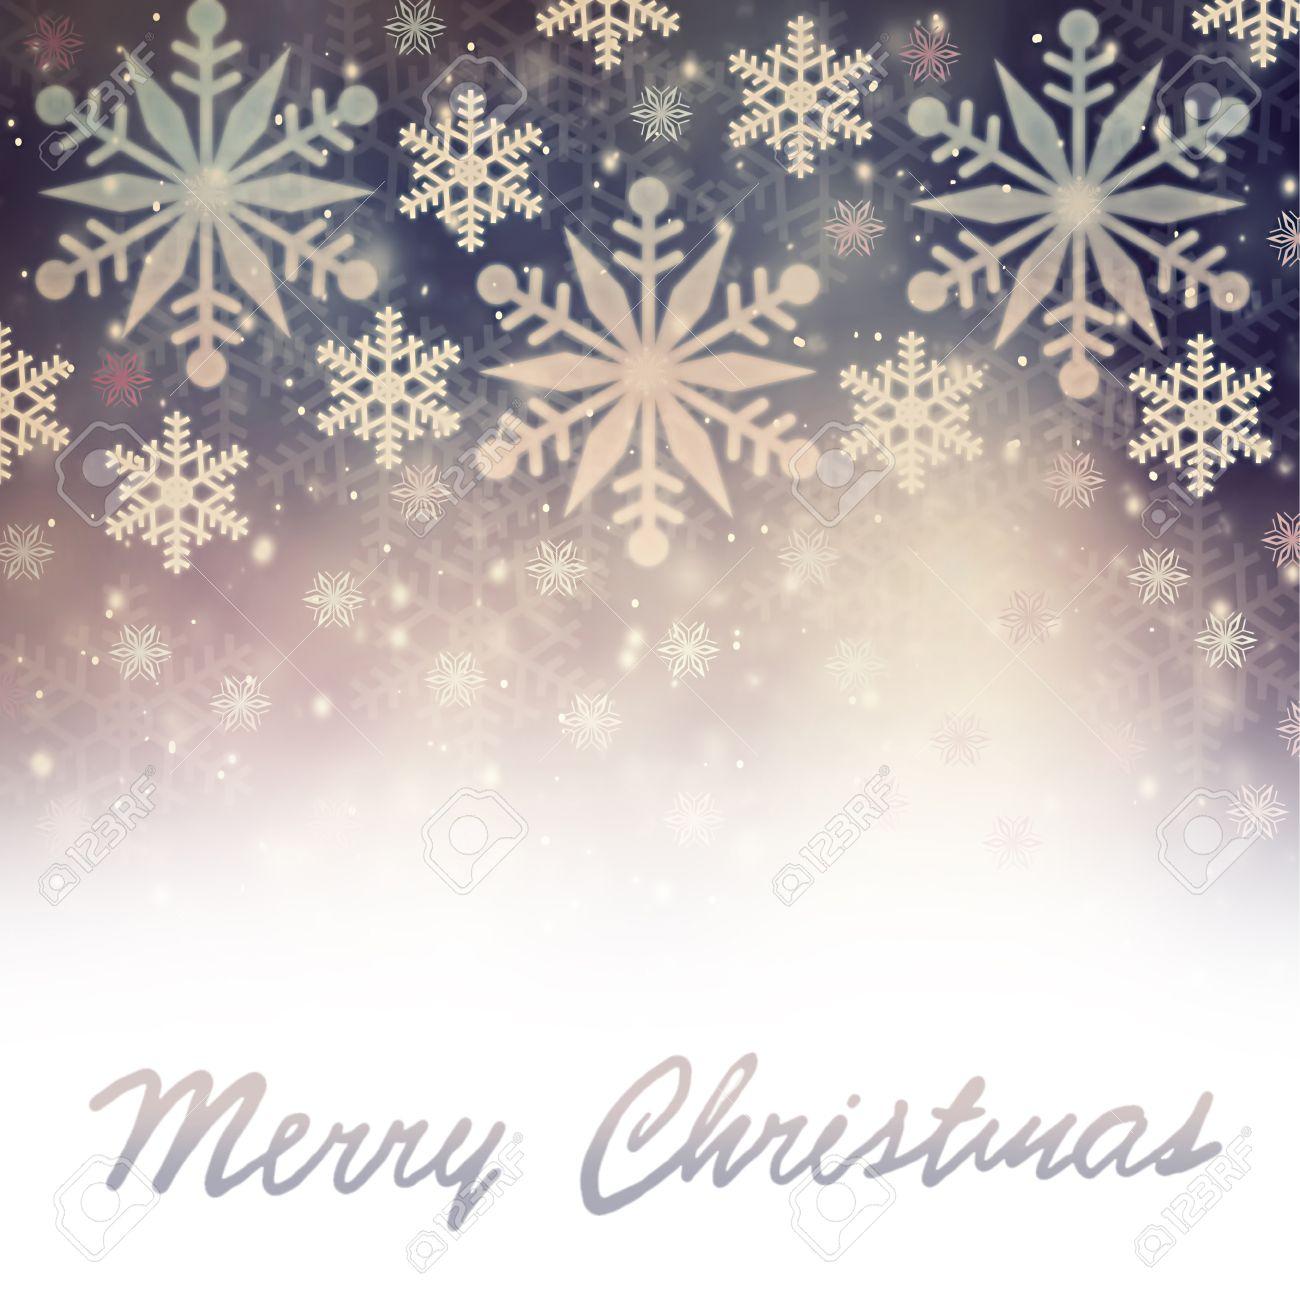 Frohe Weihnachten Grußkarte, Schöne Vintage Schneeflocken Grenze Auf ...